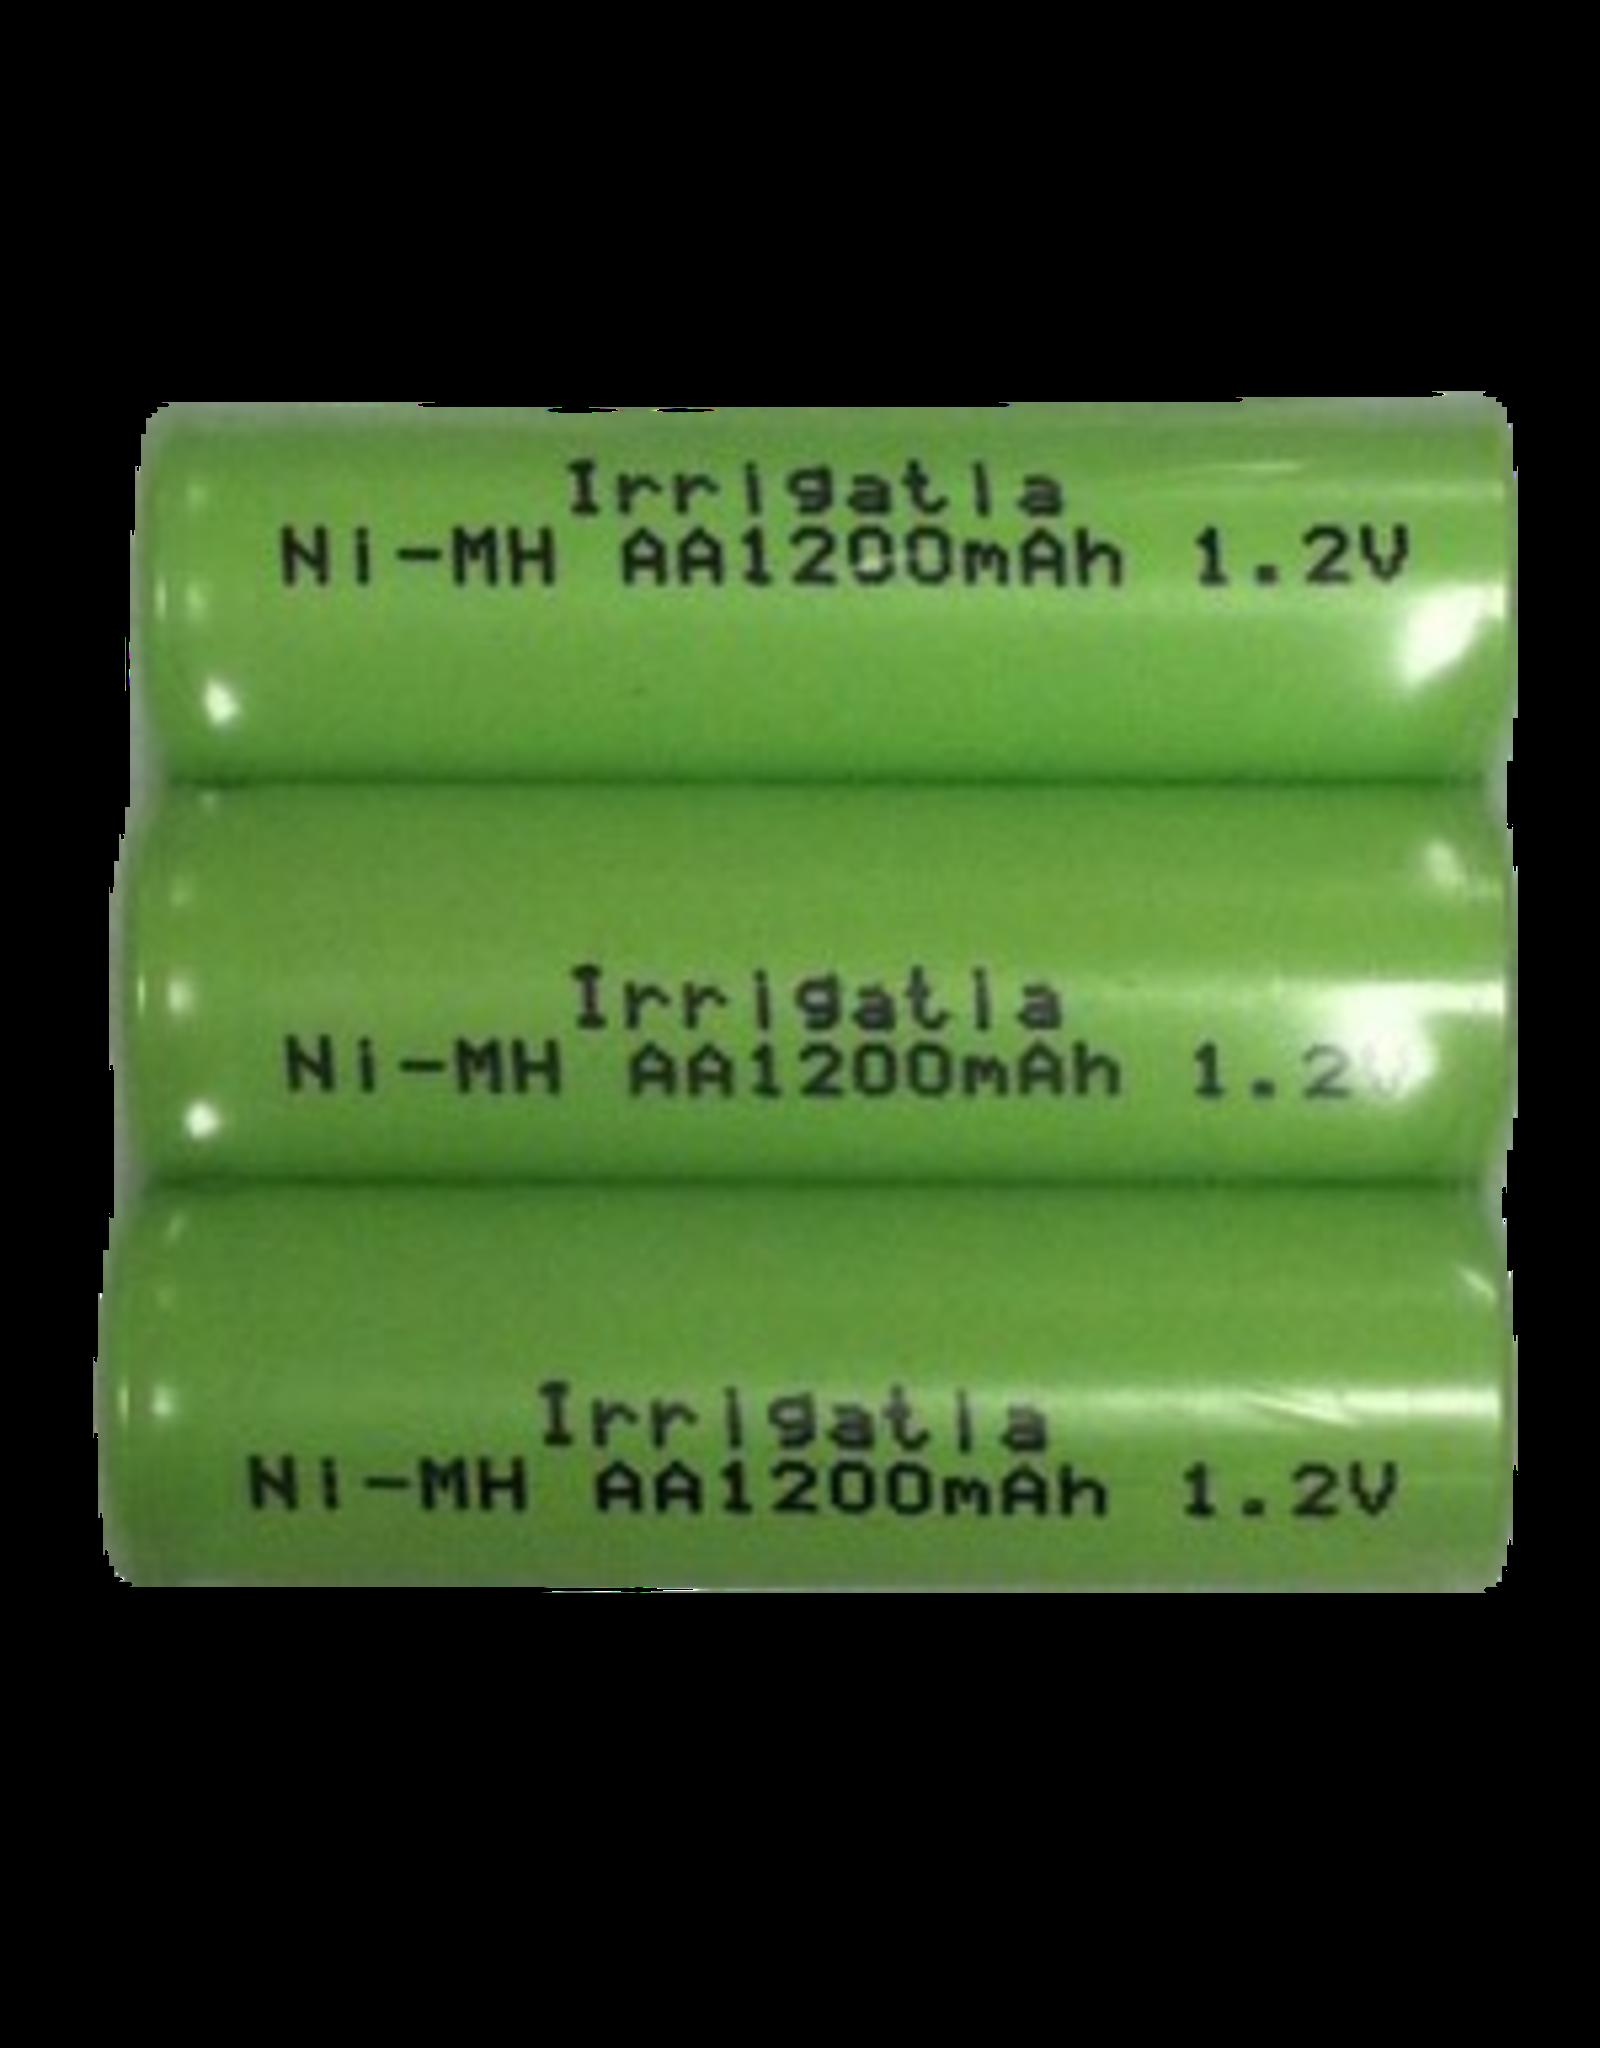 Irrigatia Battery Set IRR-AA3REC